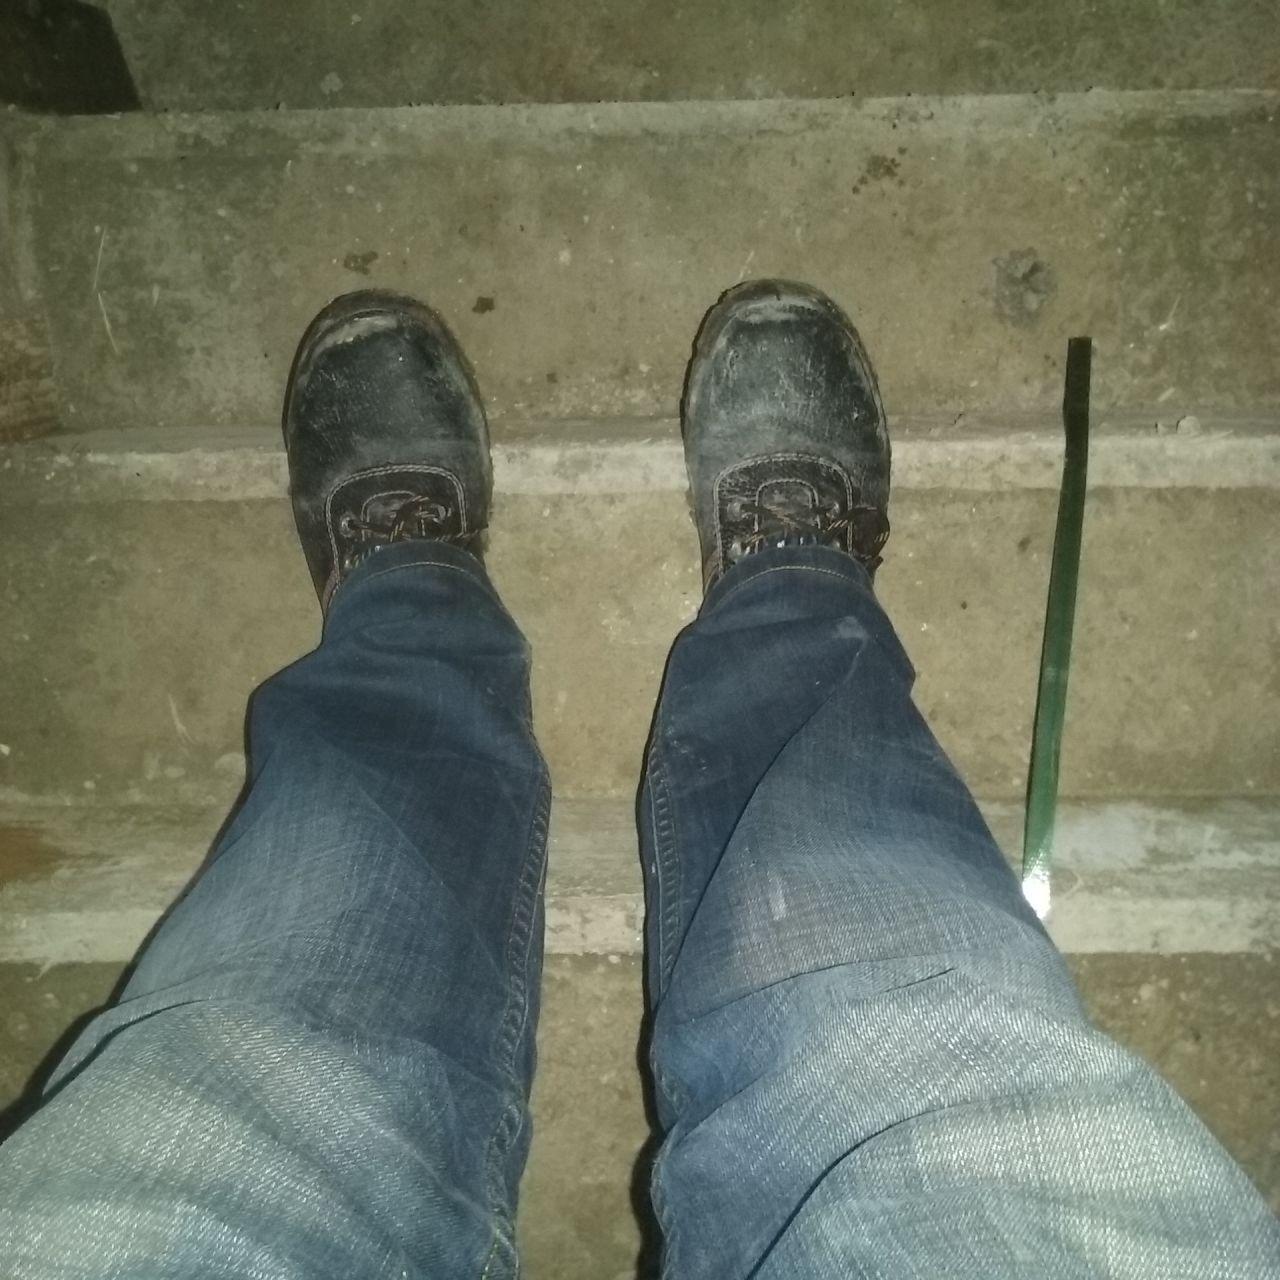 Refaire Escalier Trop Raide escaliers bétons dangereux - 58 messages